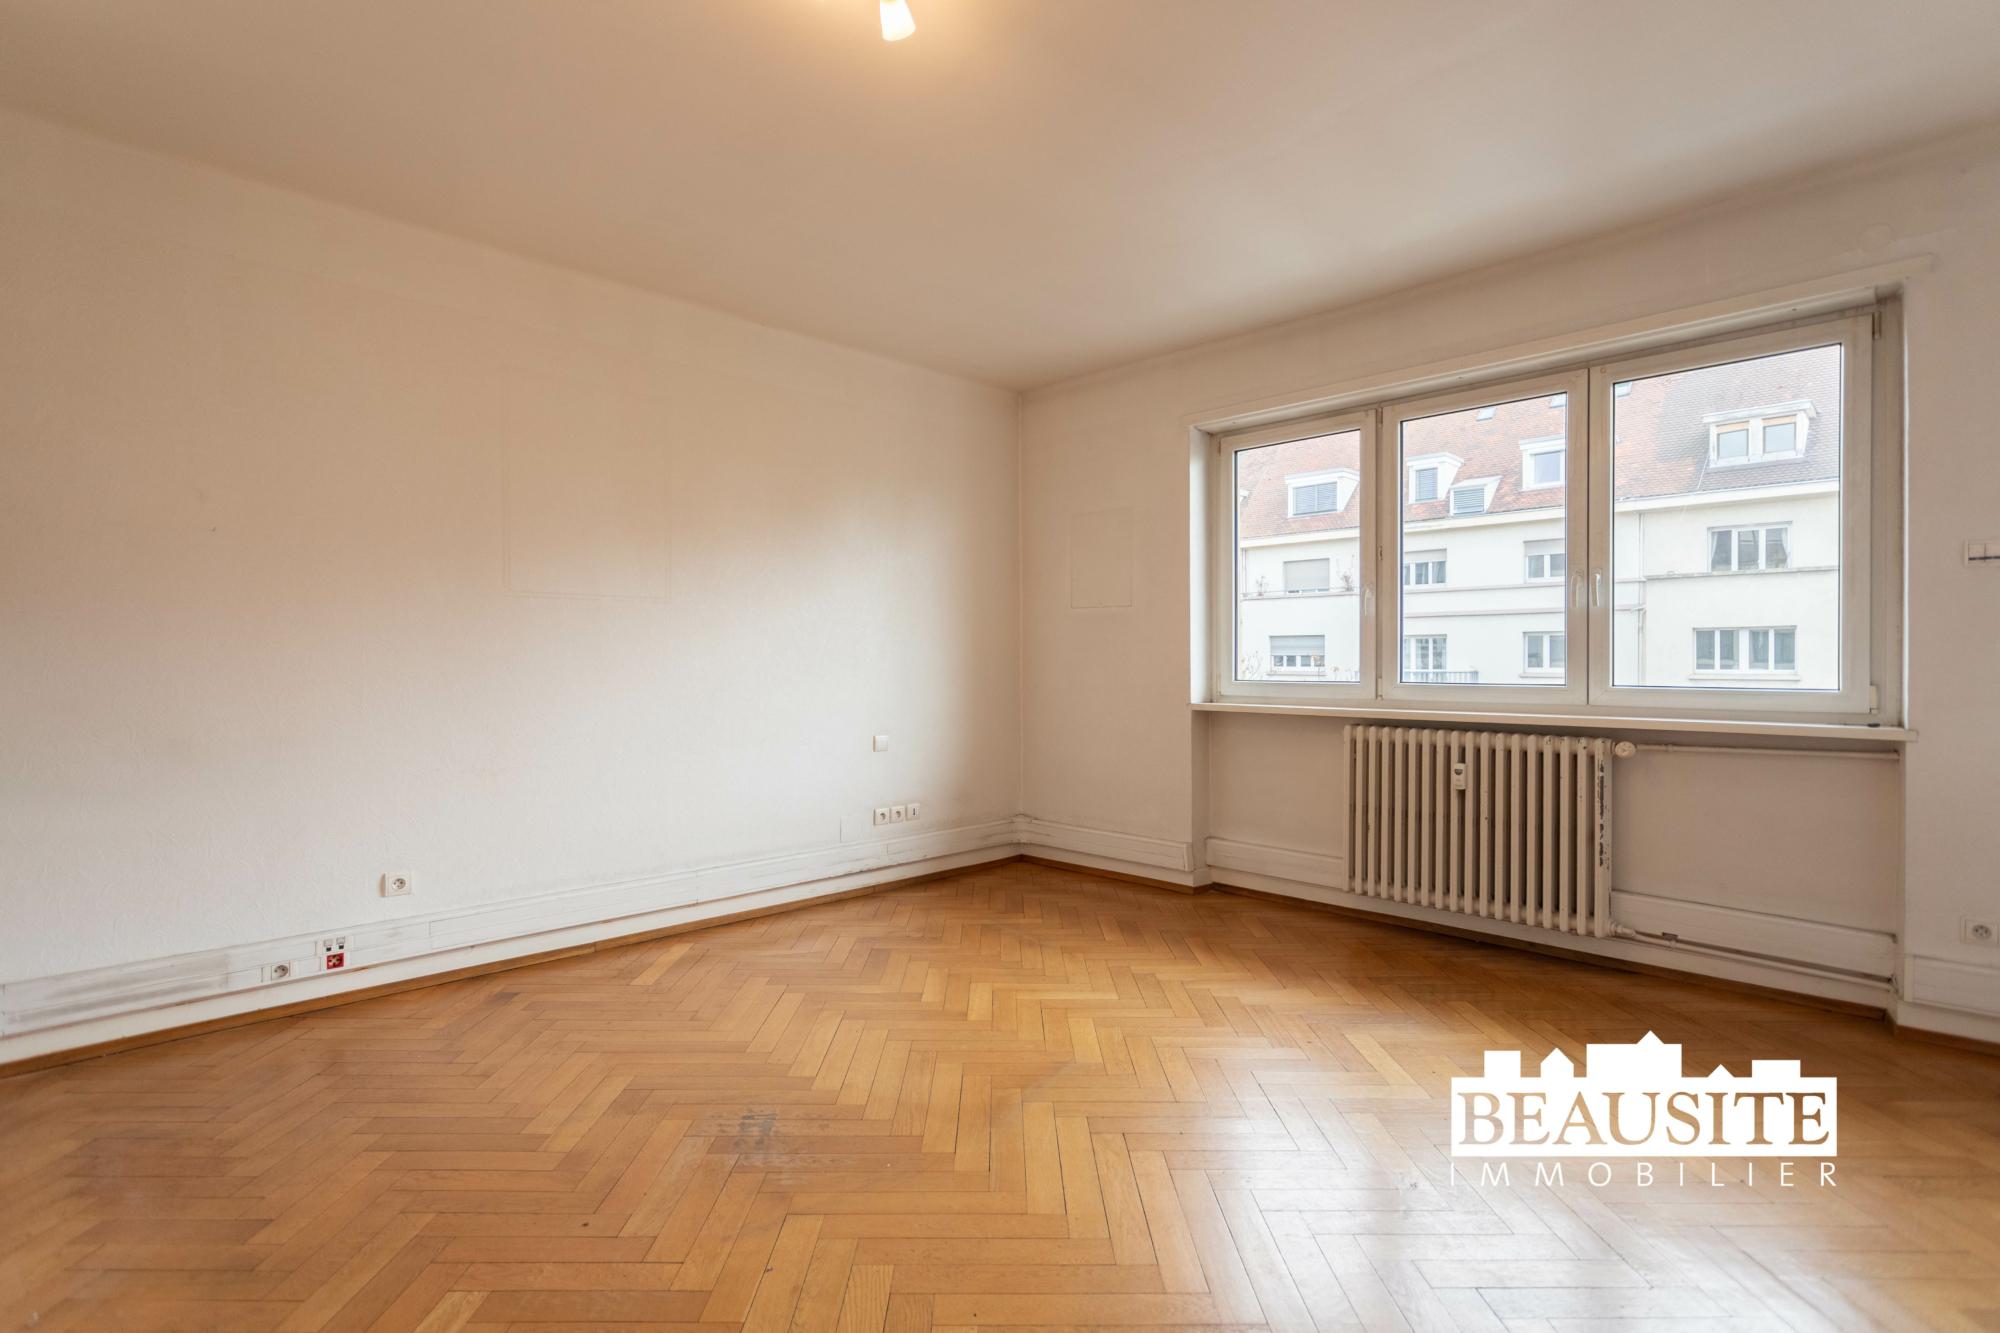 [Prosper] Le local professionnel qu'il vous faut… pour que votre activité prospère ! - Strasbourg / boulevard Wilson - nos ventes - Beausite Immobilier 6